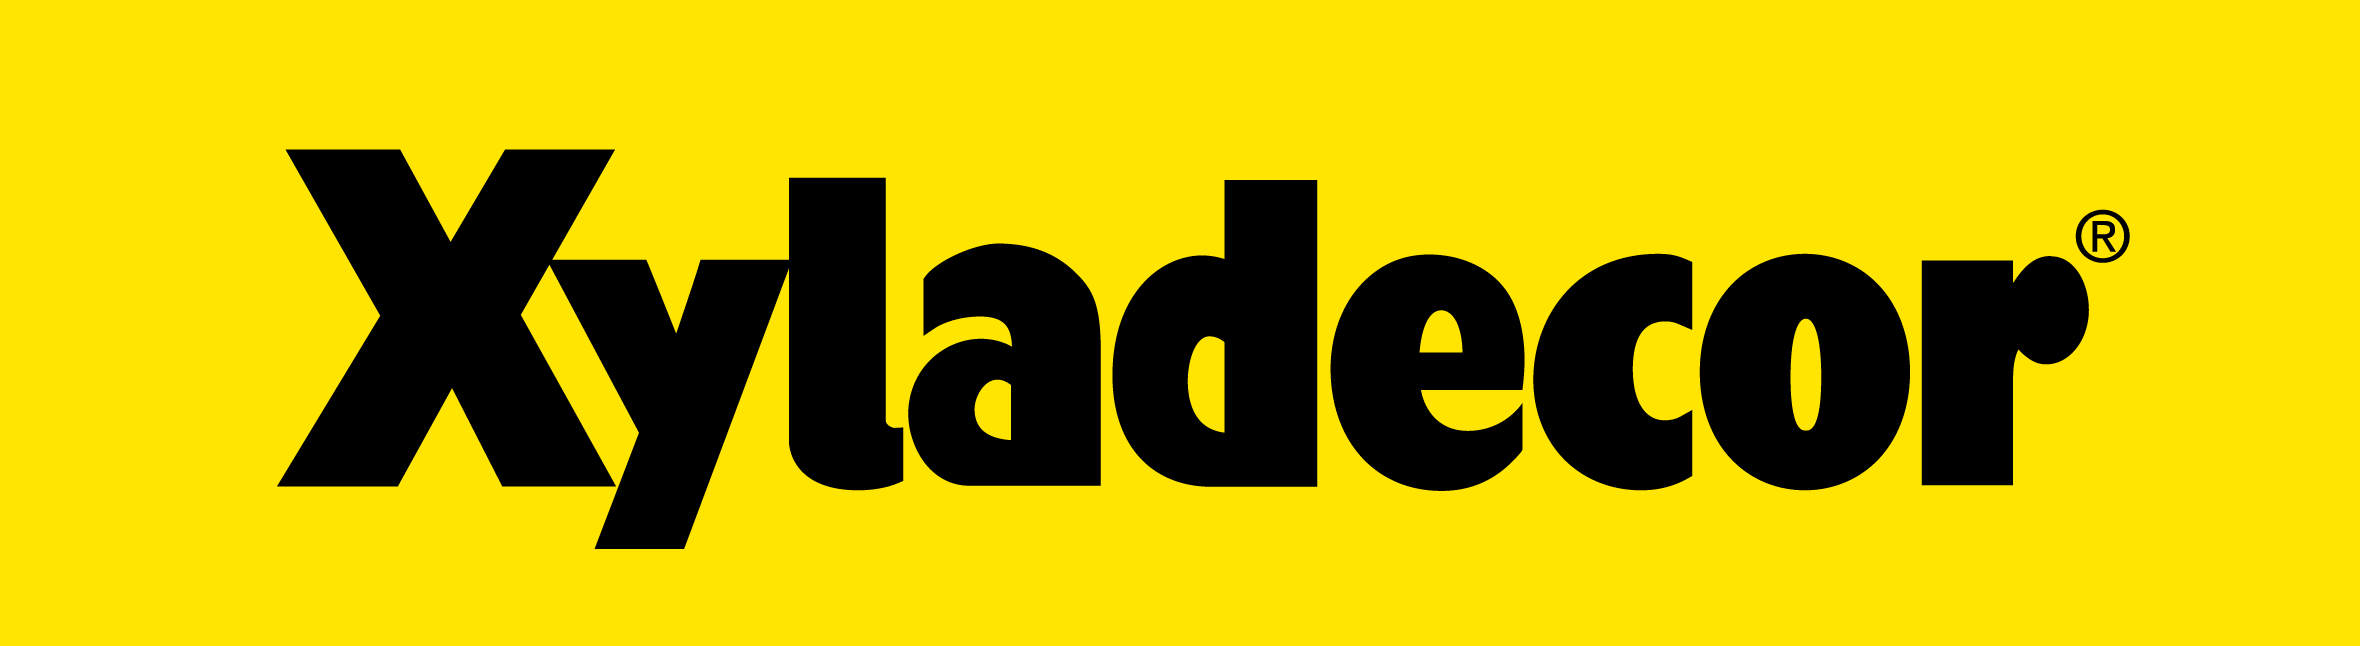 Gewinnen Sie Ihre Wunschprodukte von Xyladecor - Sponsor logo